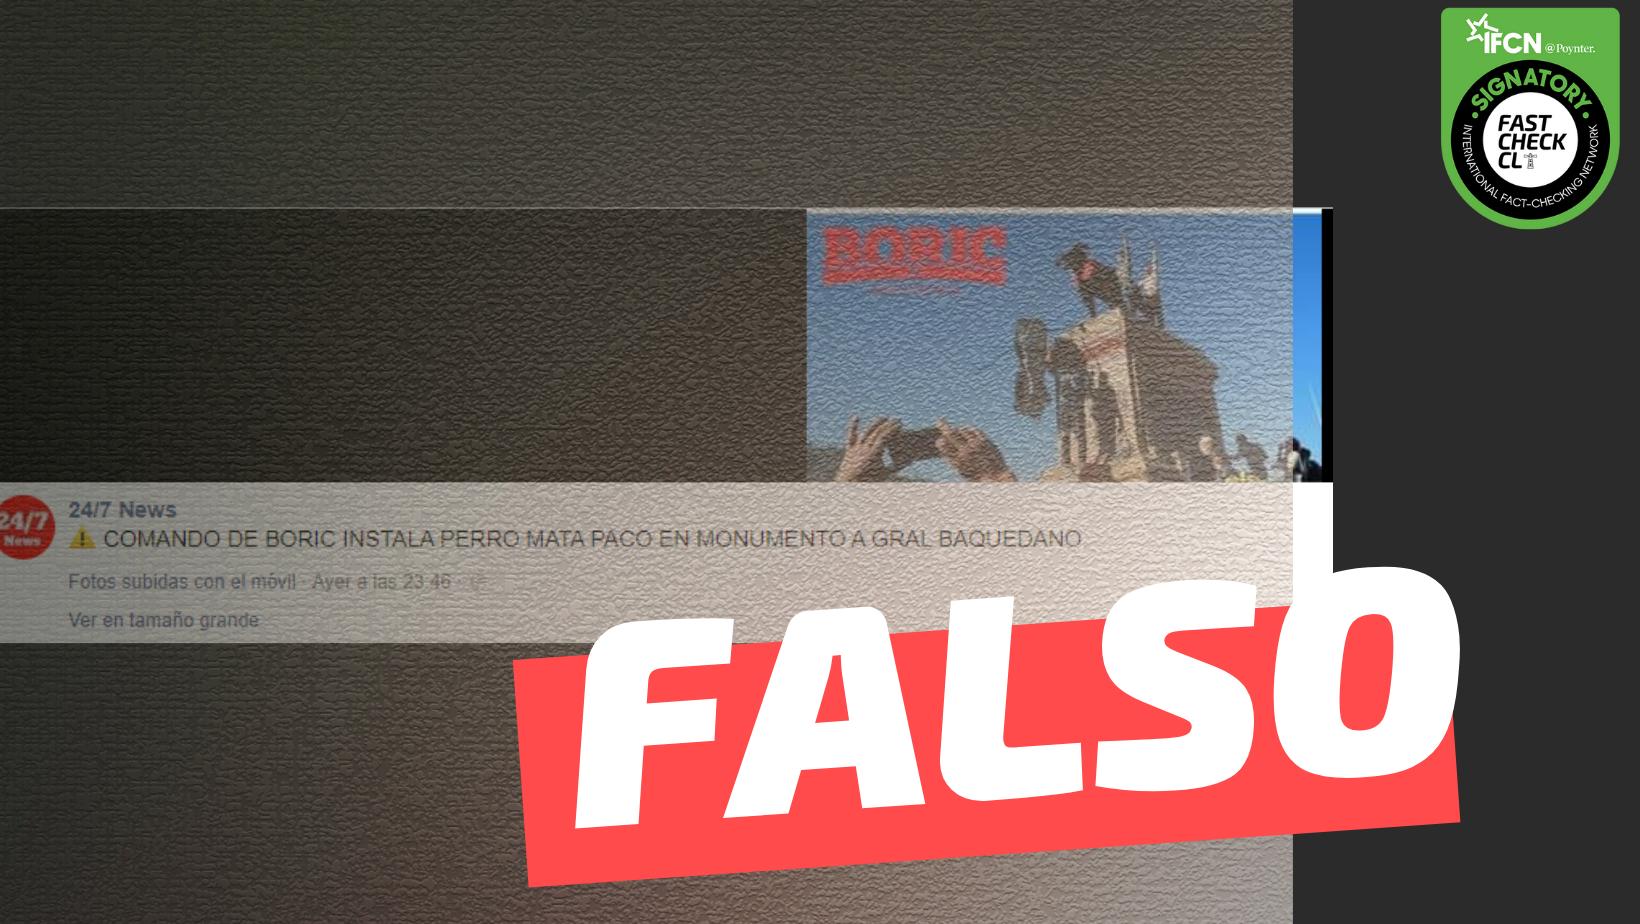 """Read more about the article (Imagen): """"Comando de Boric instala perro matapacos en monumento a General Baquedano"""": #Falso"""